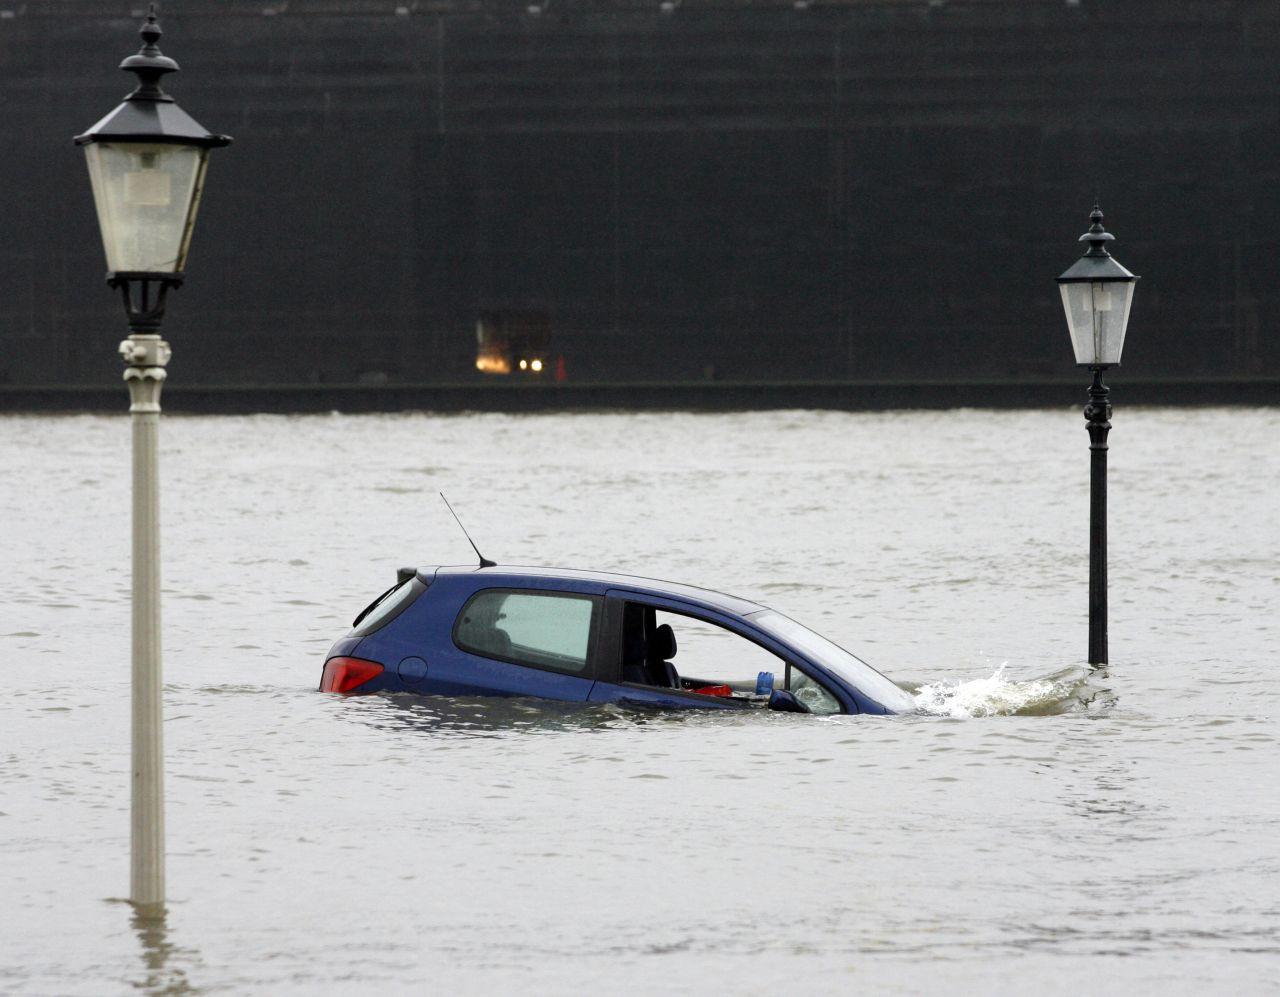 Das Sturmtief Tilo brachte Hamburg 2007 eine Sturmflut mit einem Wasserstand knapp 5,5 Metern über dem normalen Pegel.